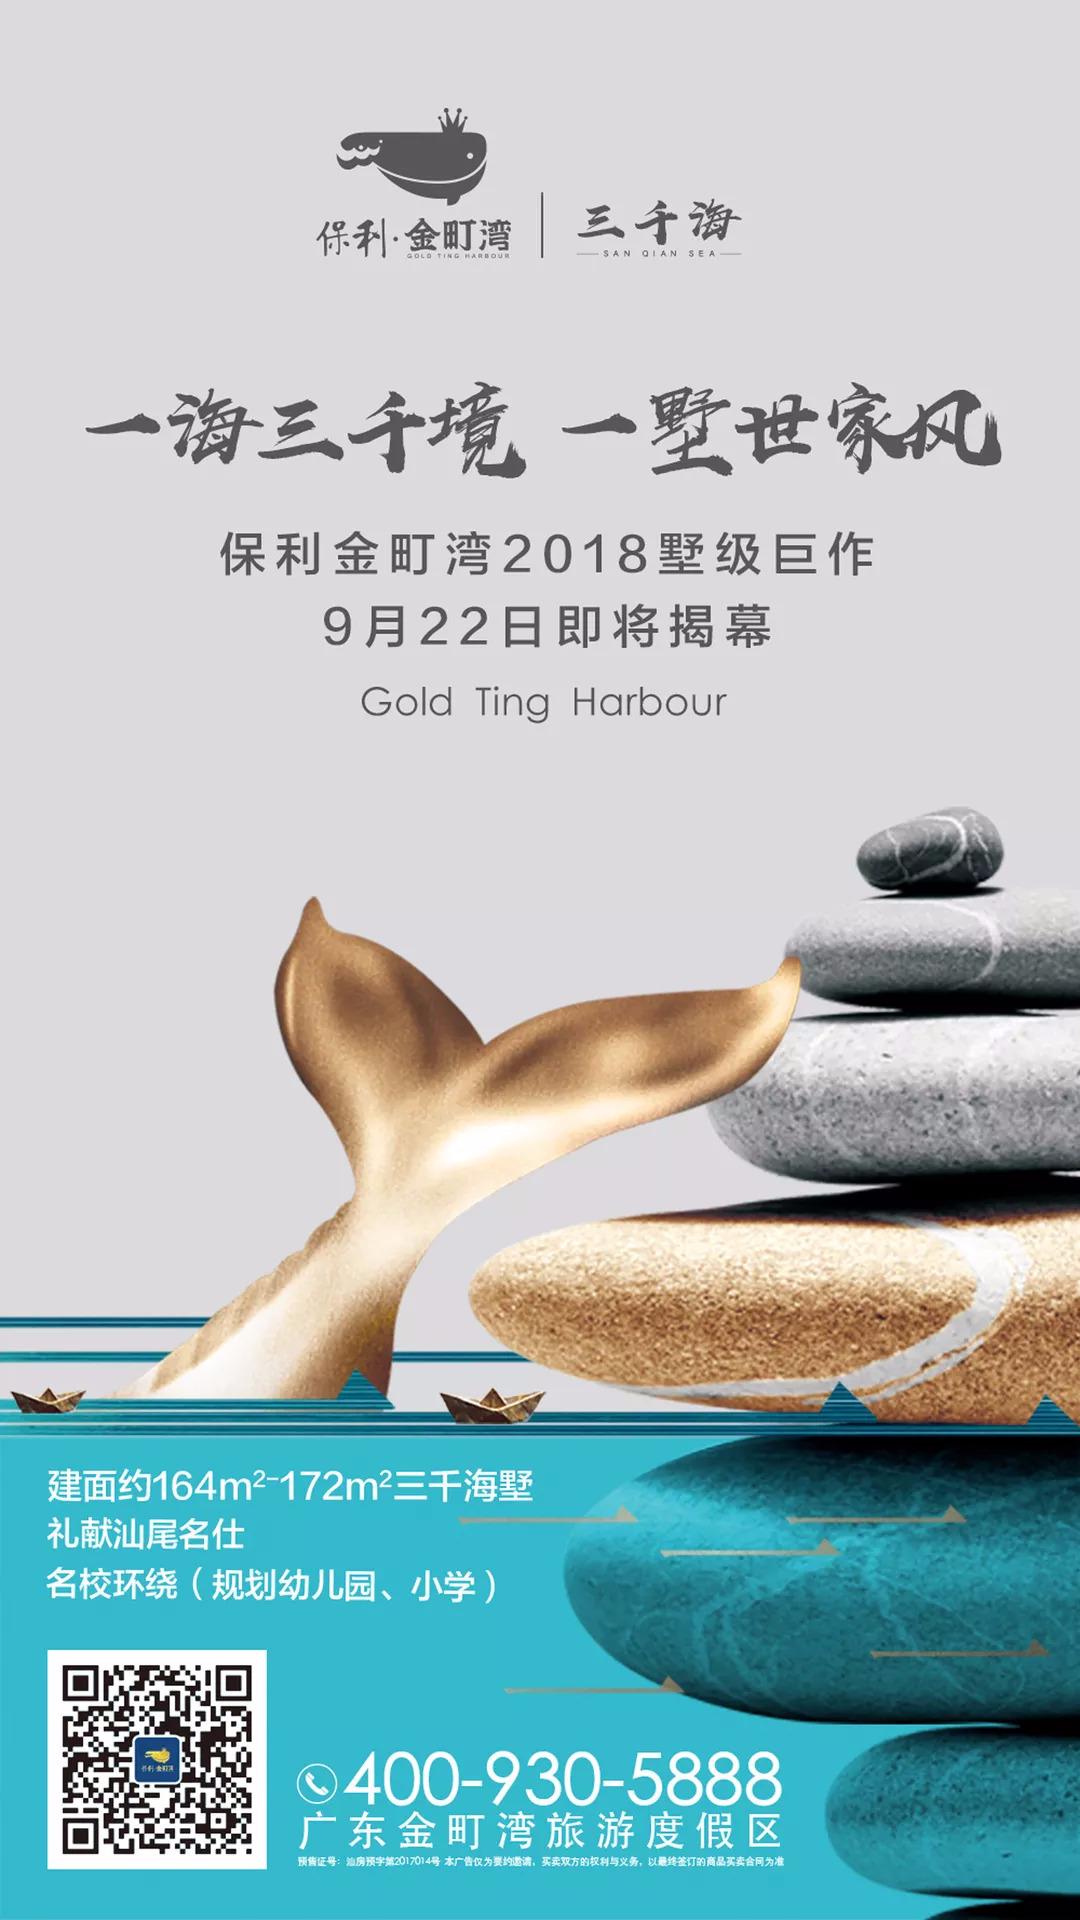 【保利金町湾】阿房宫、辋川别业、狮子林...中国著名